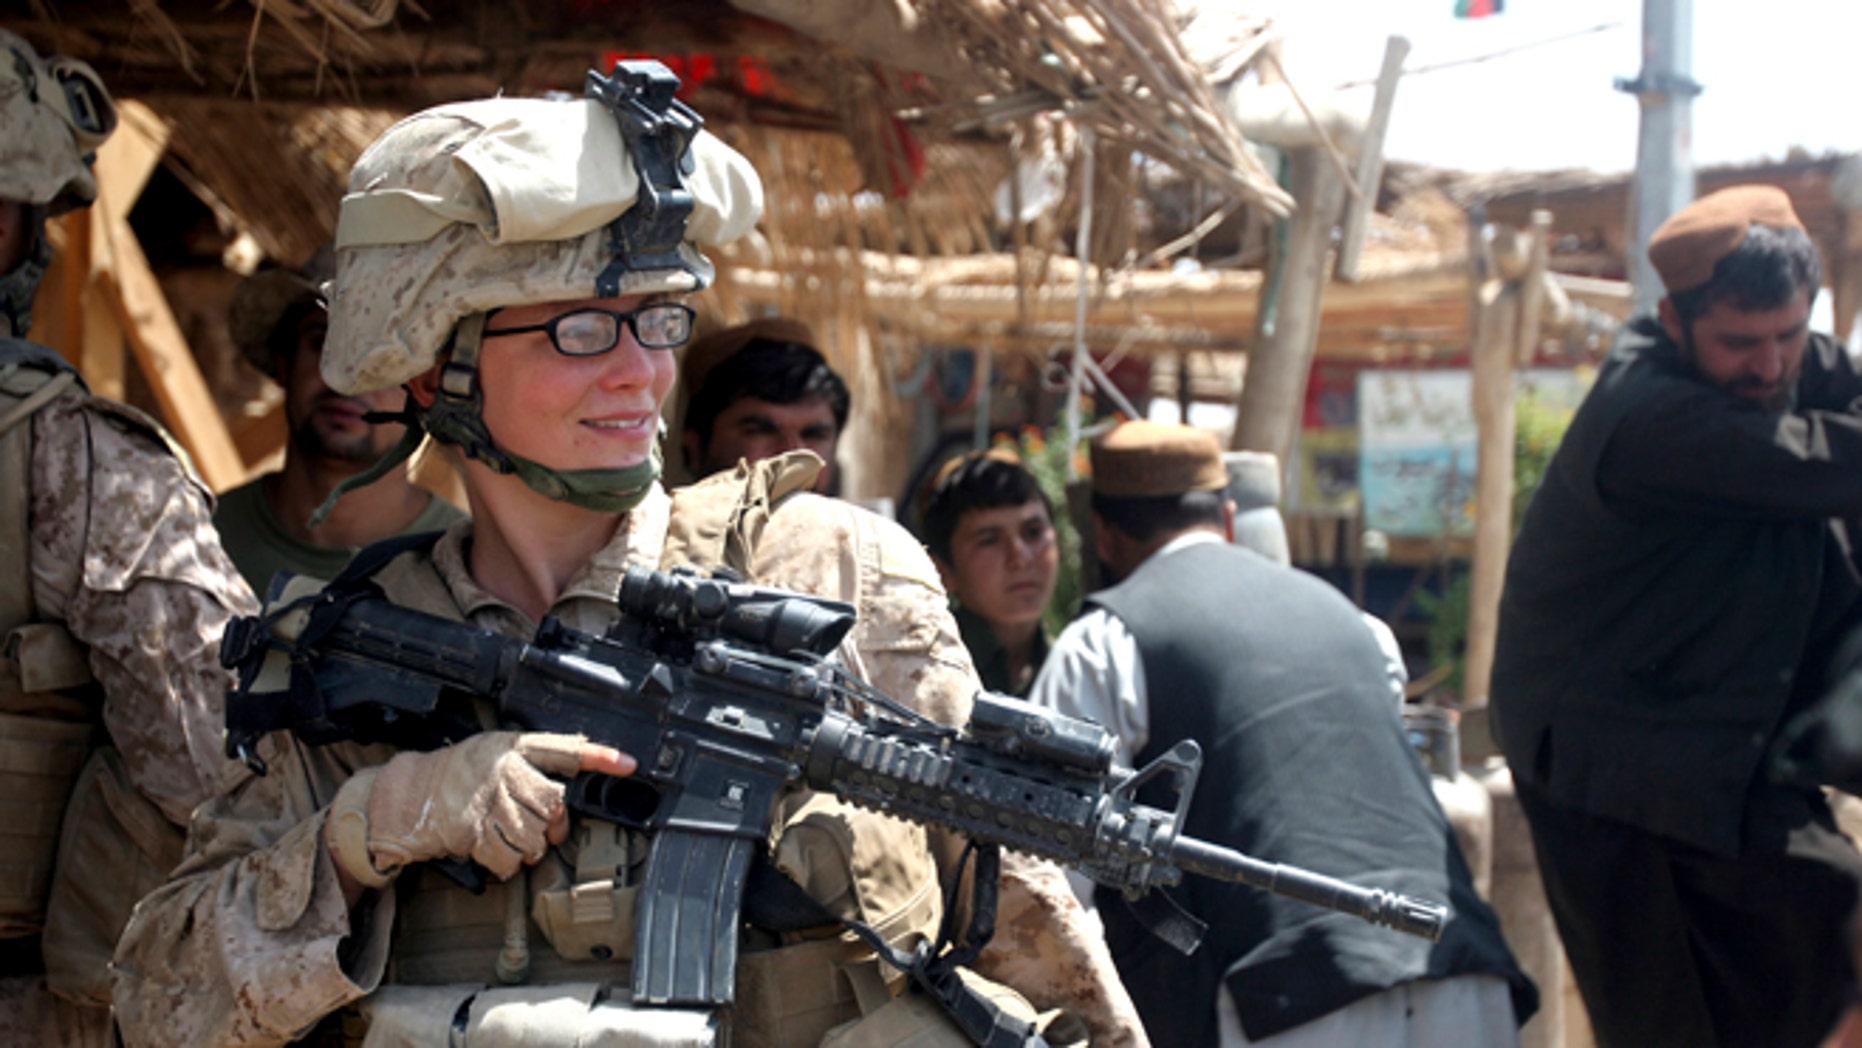 FILE: August 18, 2010: A female Marine in Marjah, Afghanistan.